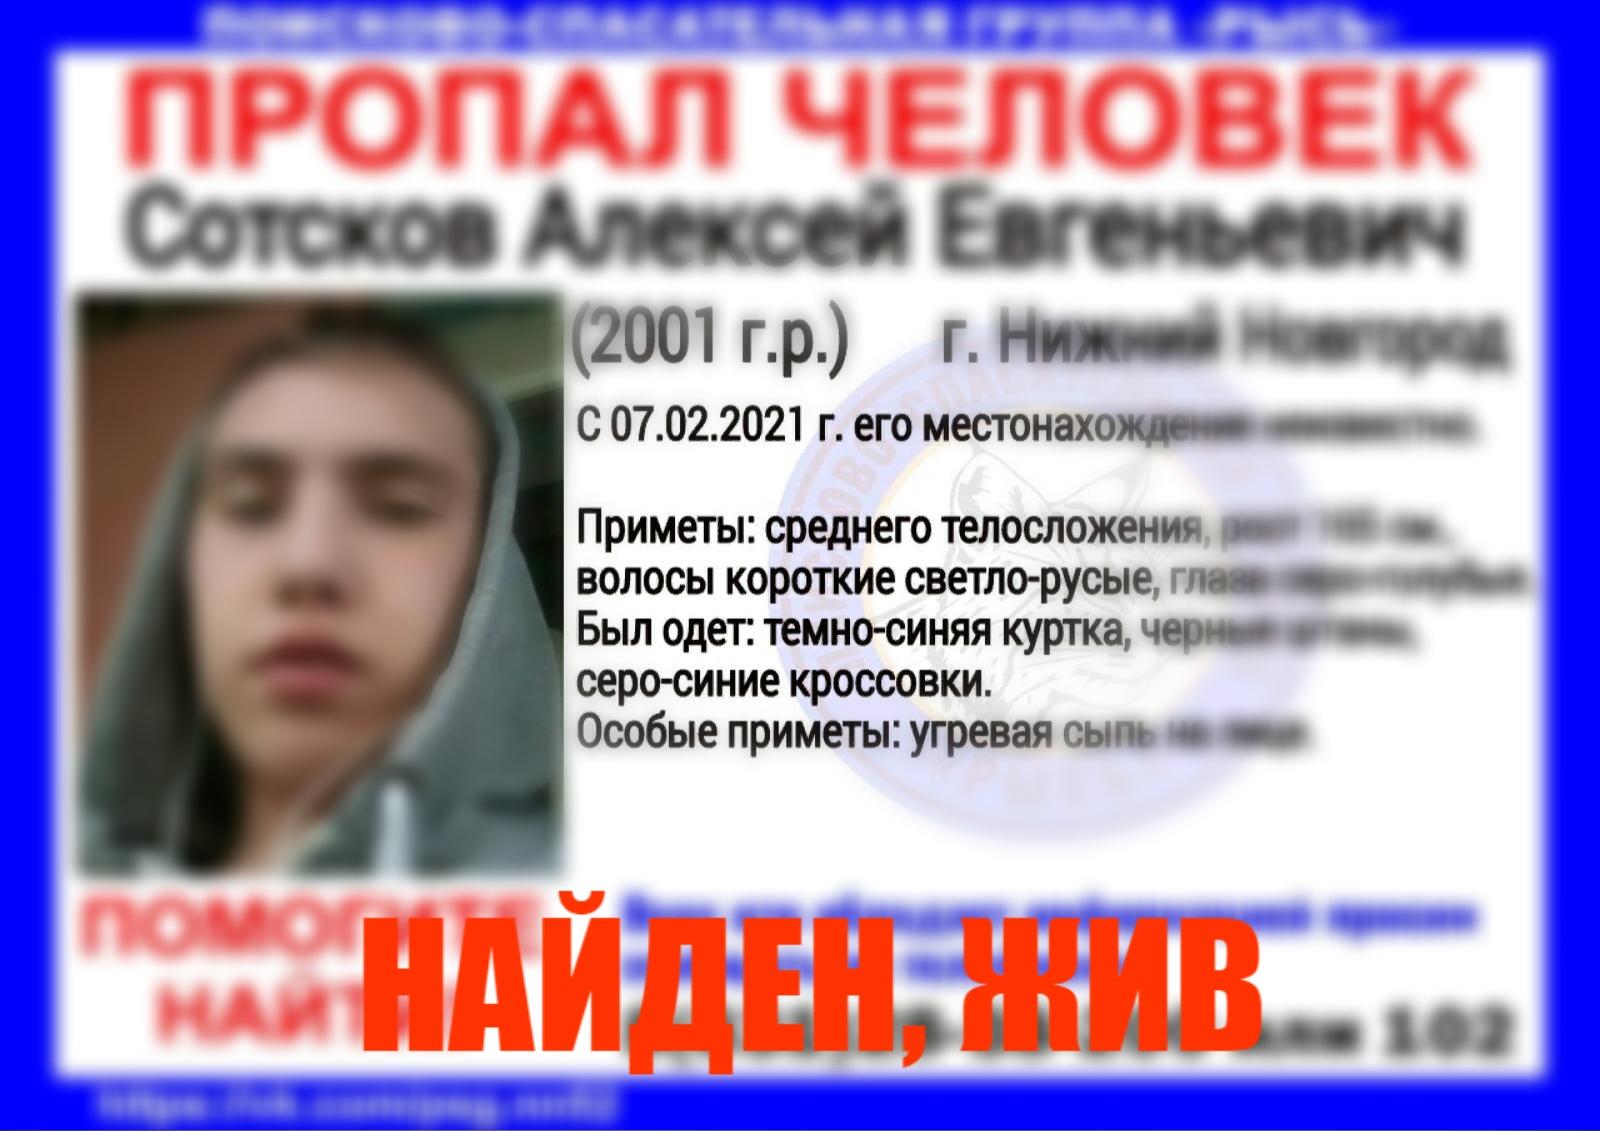 Сотсков Алексей Евгеньевич